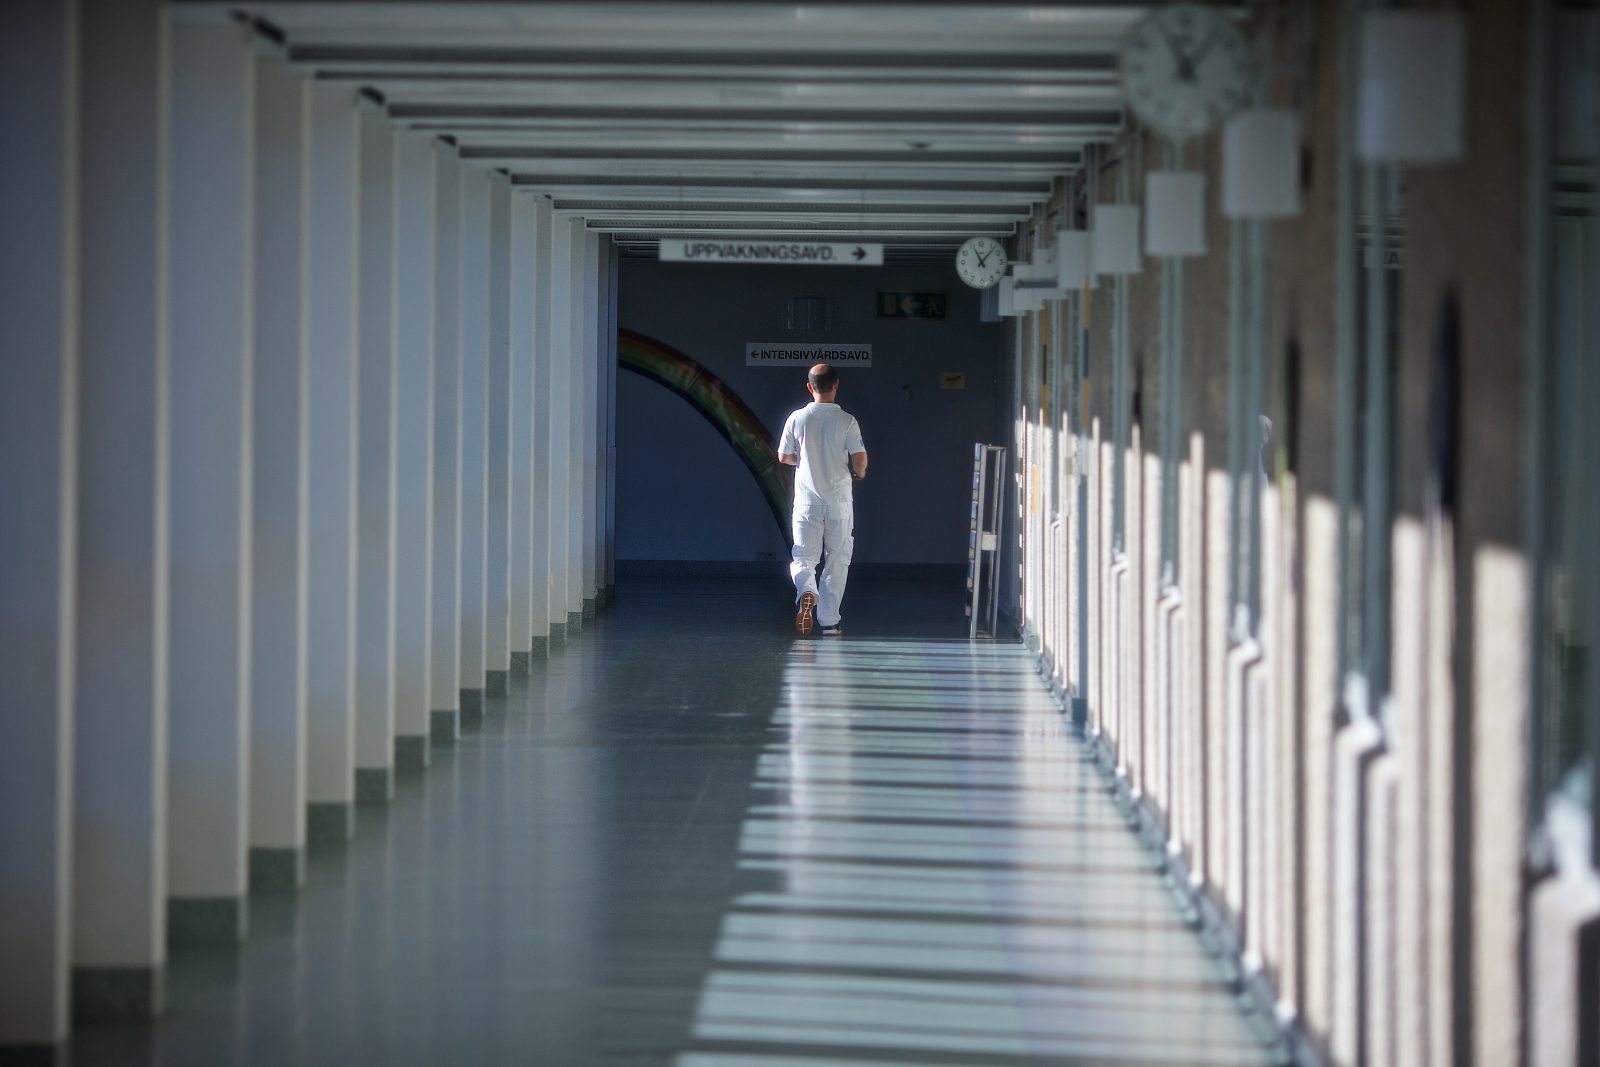 Läkare långt bort i korridor